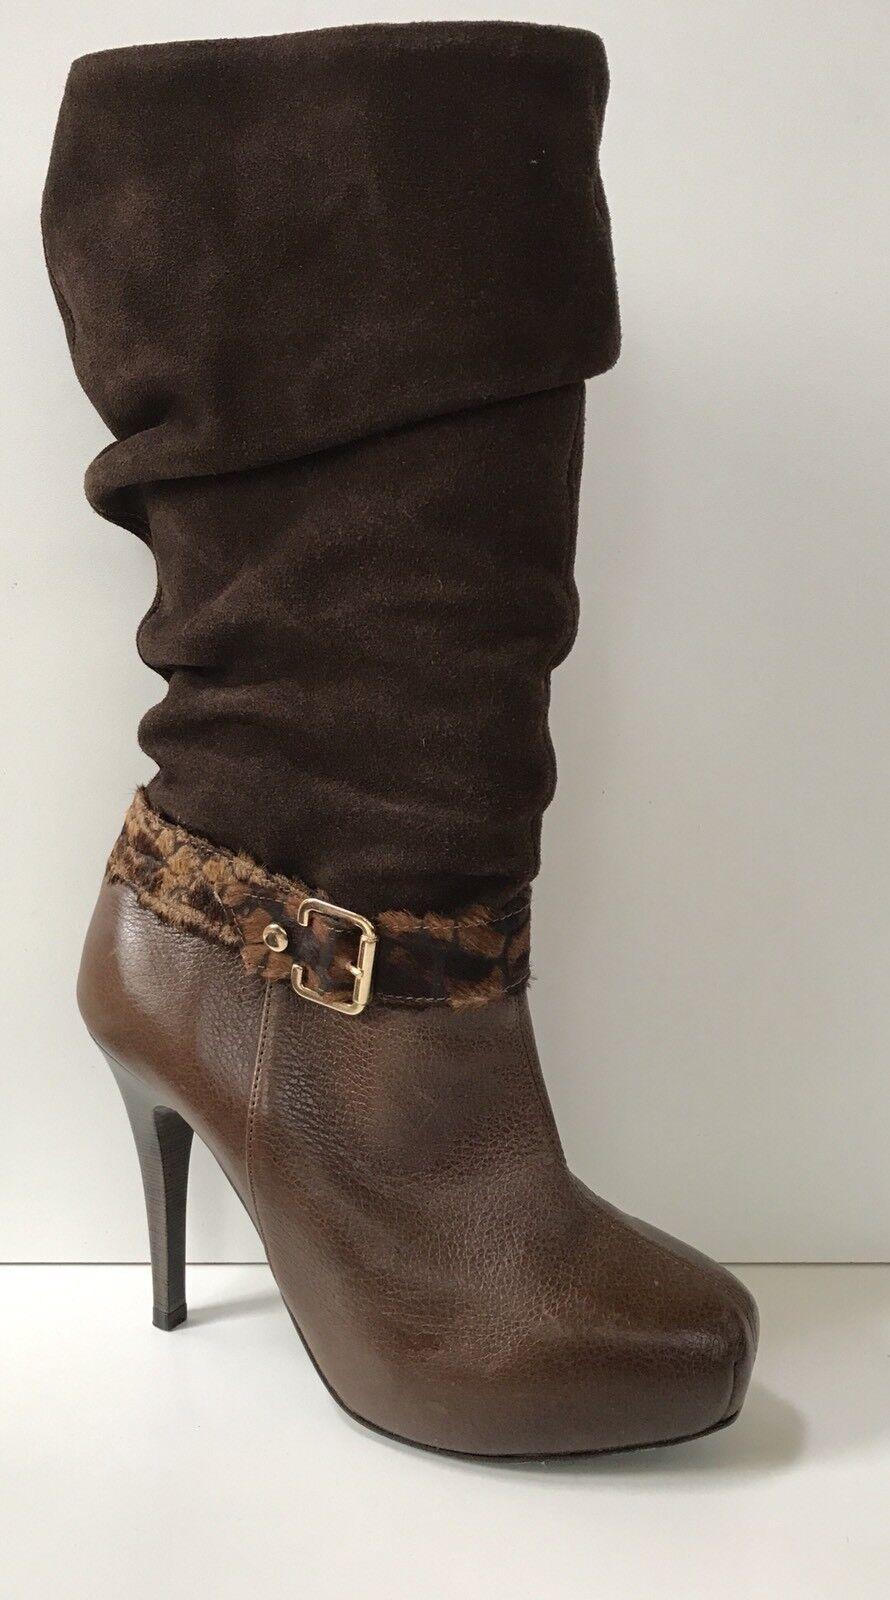 Miucha Sz 7 Brown Brown Brown Leather & Suede High Heel Hidden Platform Mid Calf Boot Brazil 56b8c3